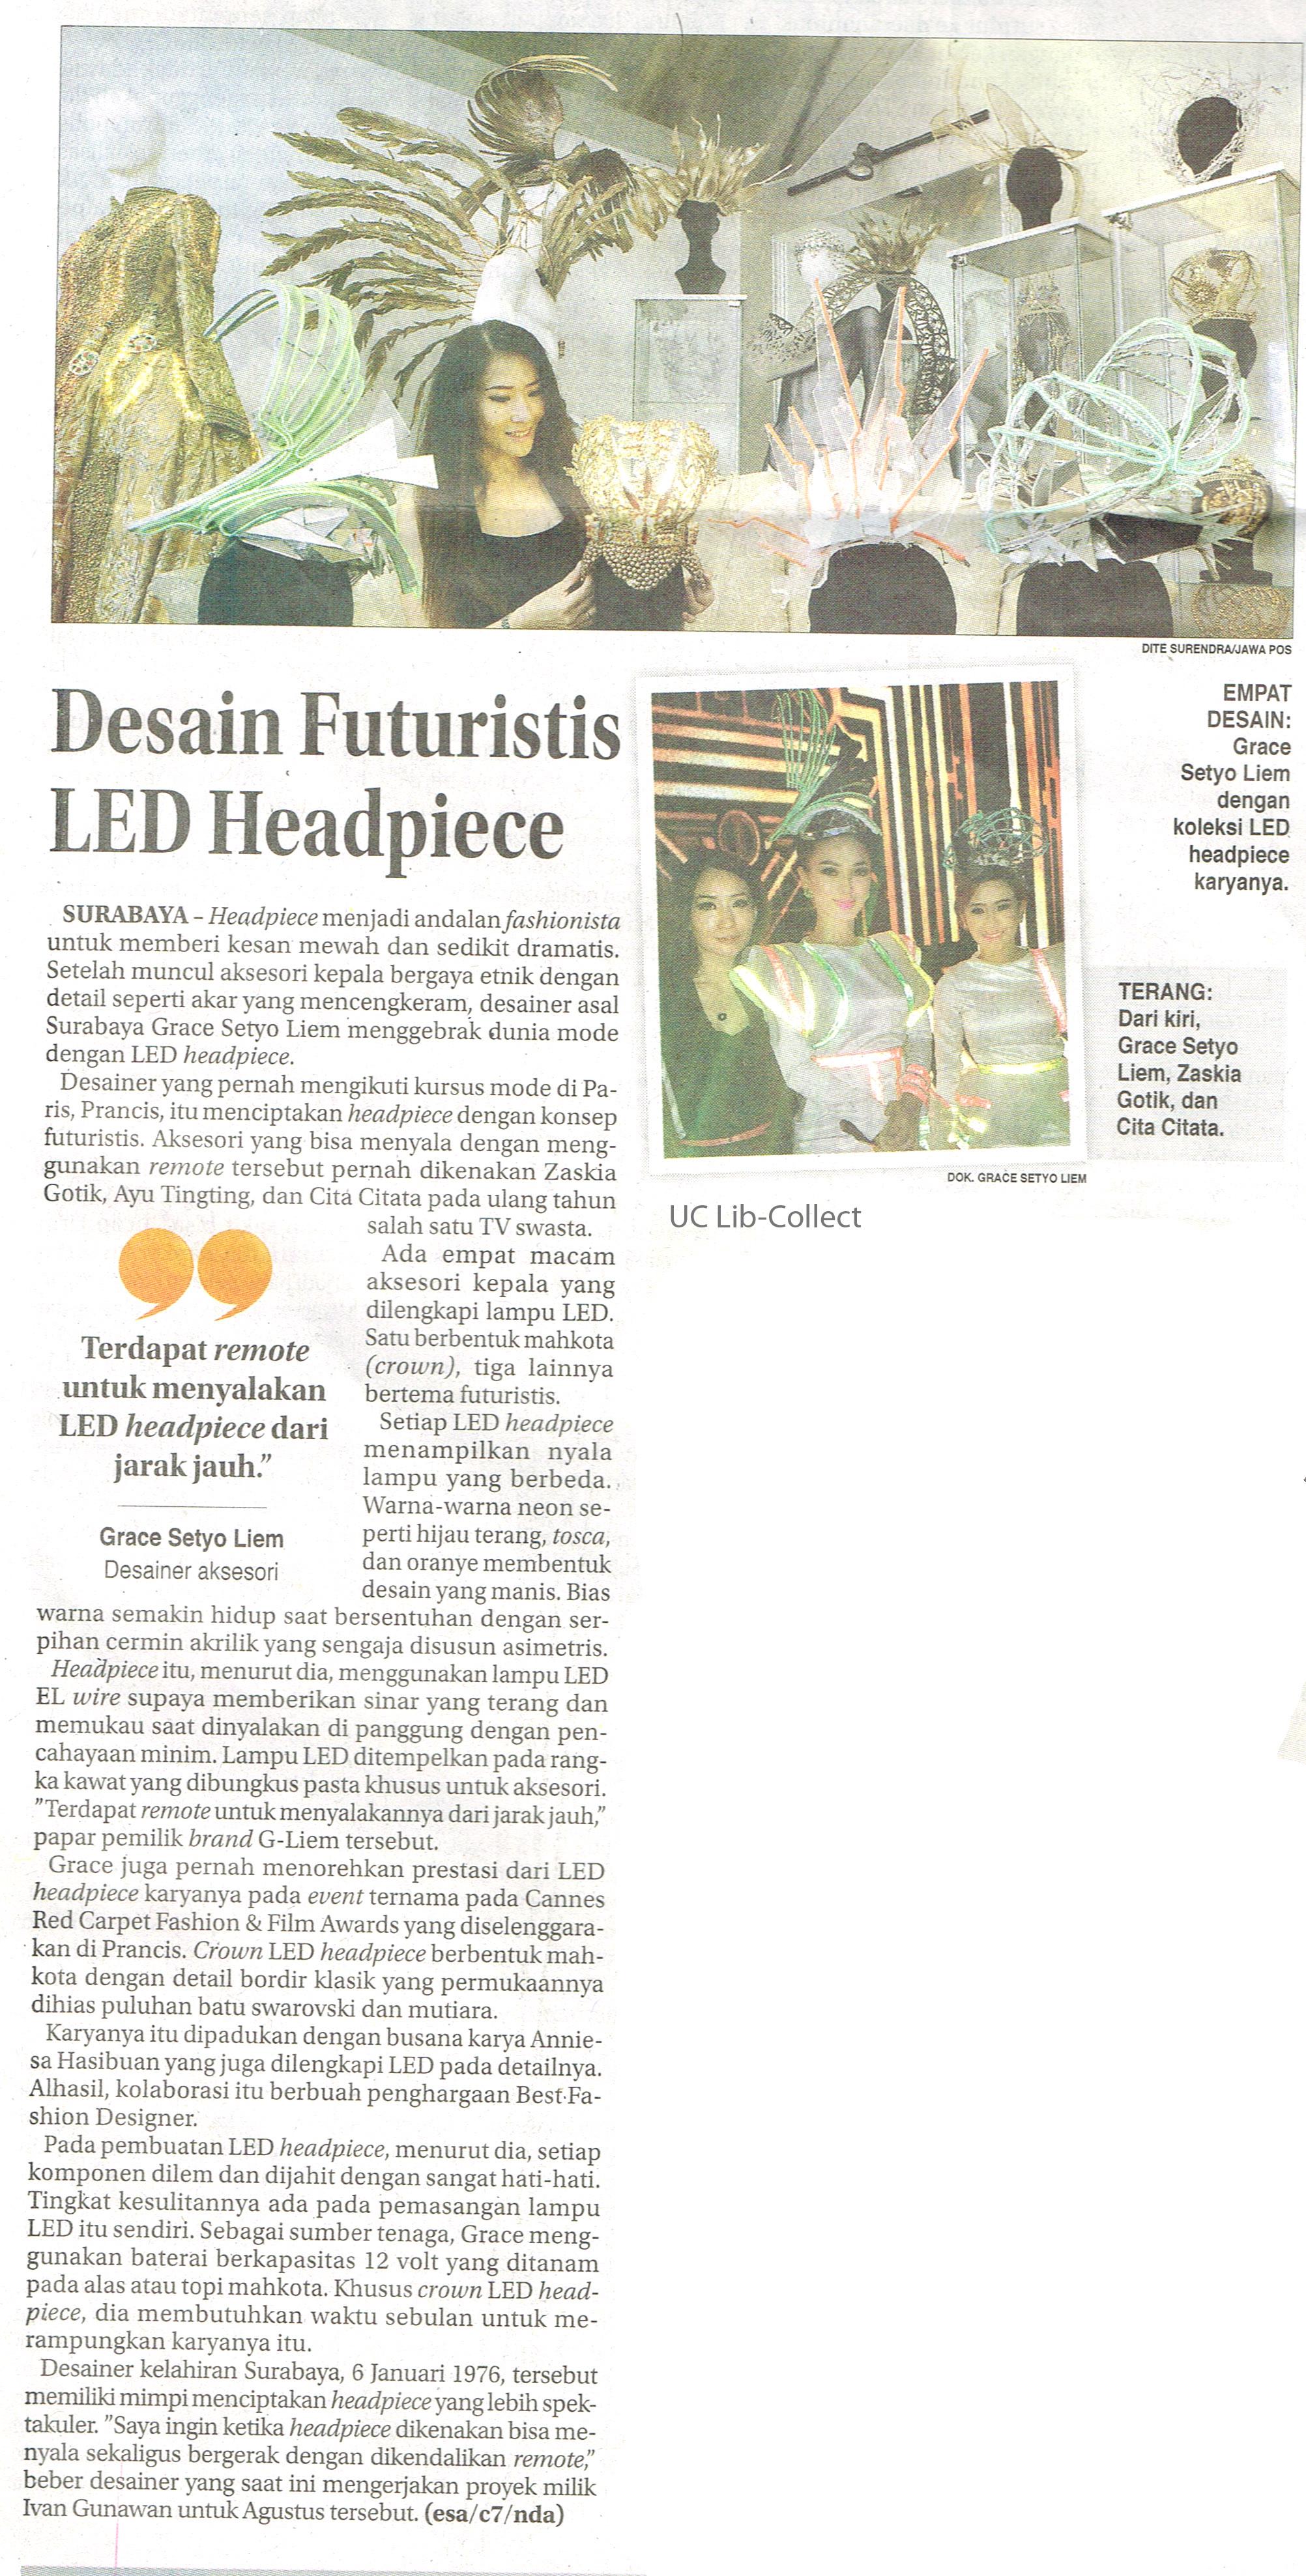 Desain Futuristis LED Headpiece Jawa Pos Hal 36